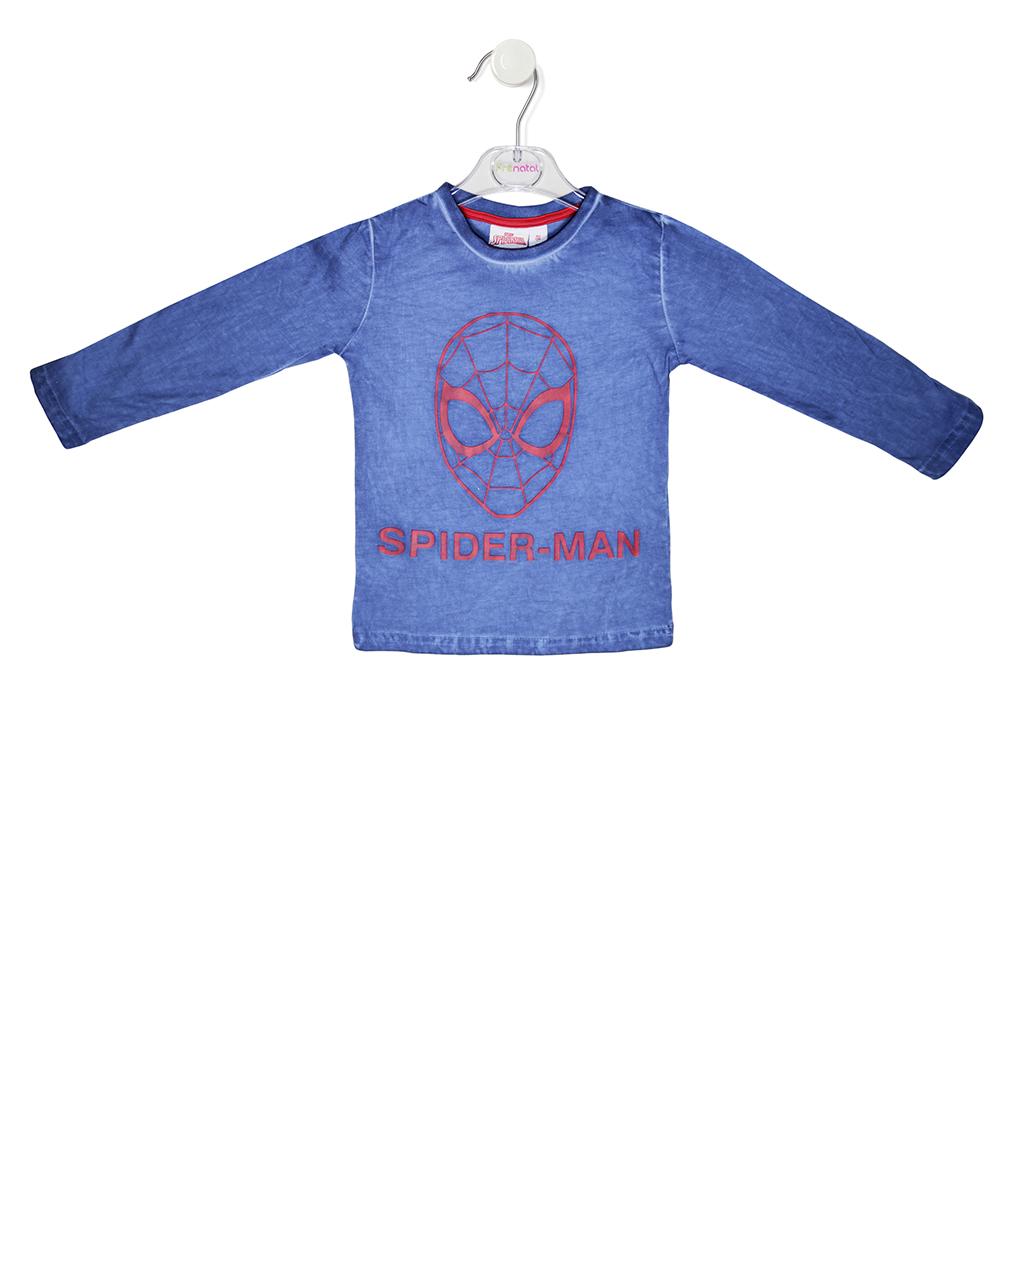 Μπλούζα Spider-Man για Αγόρι